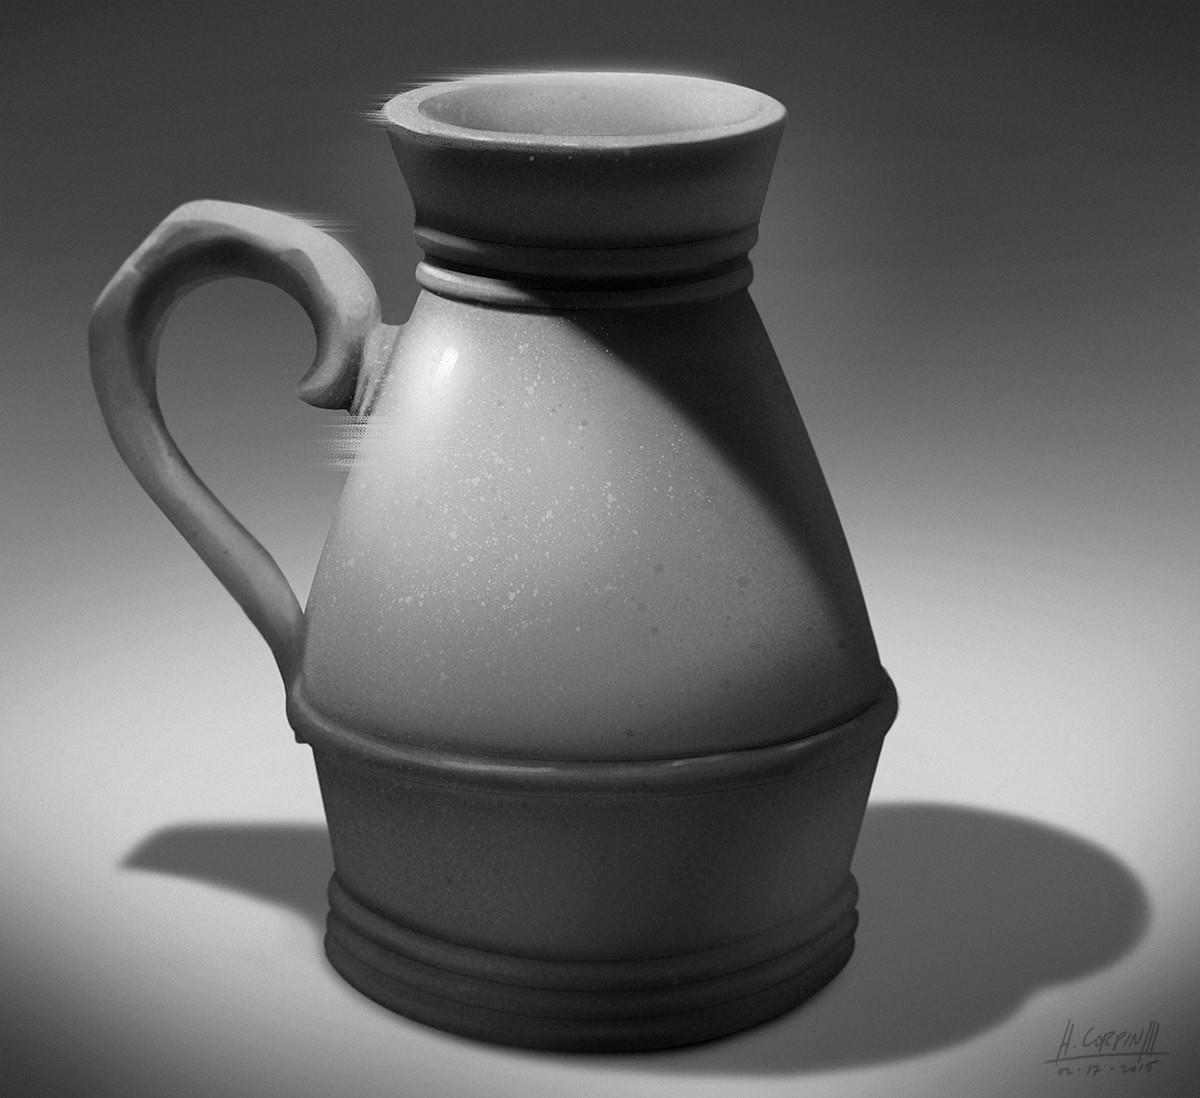 Honorato corpin iii still life 01 vase 021715